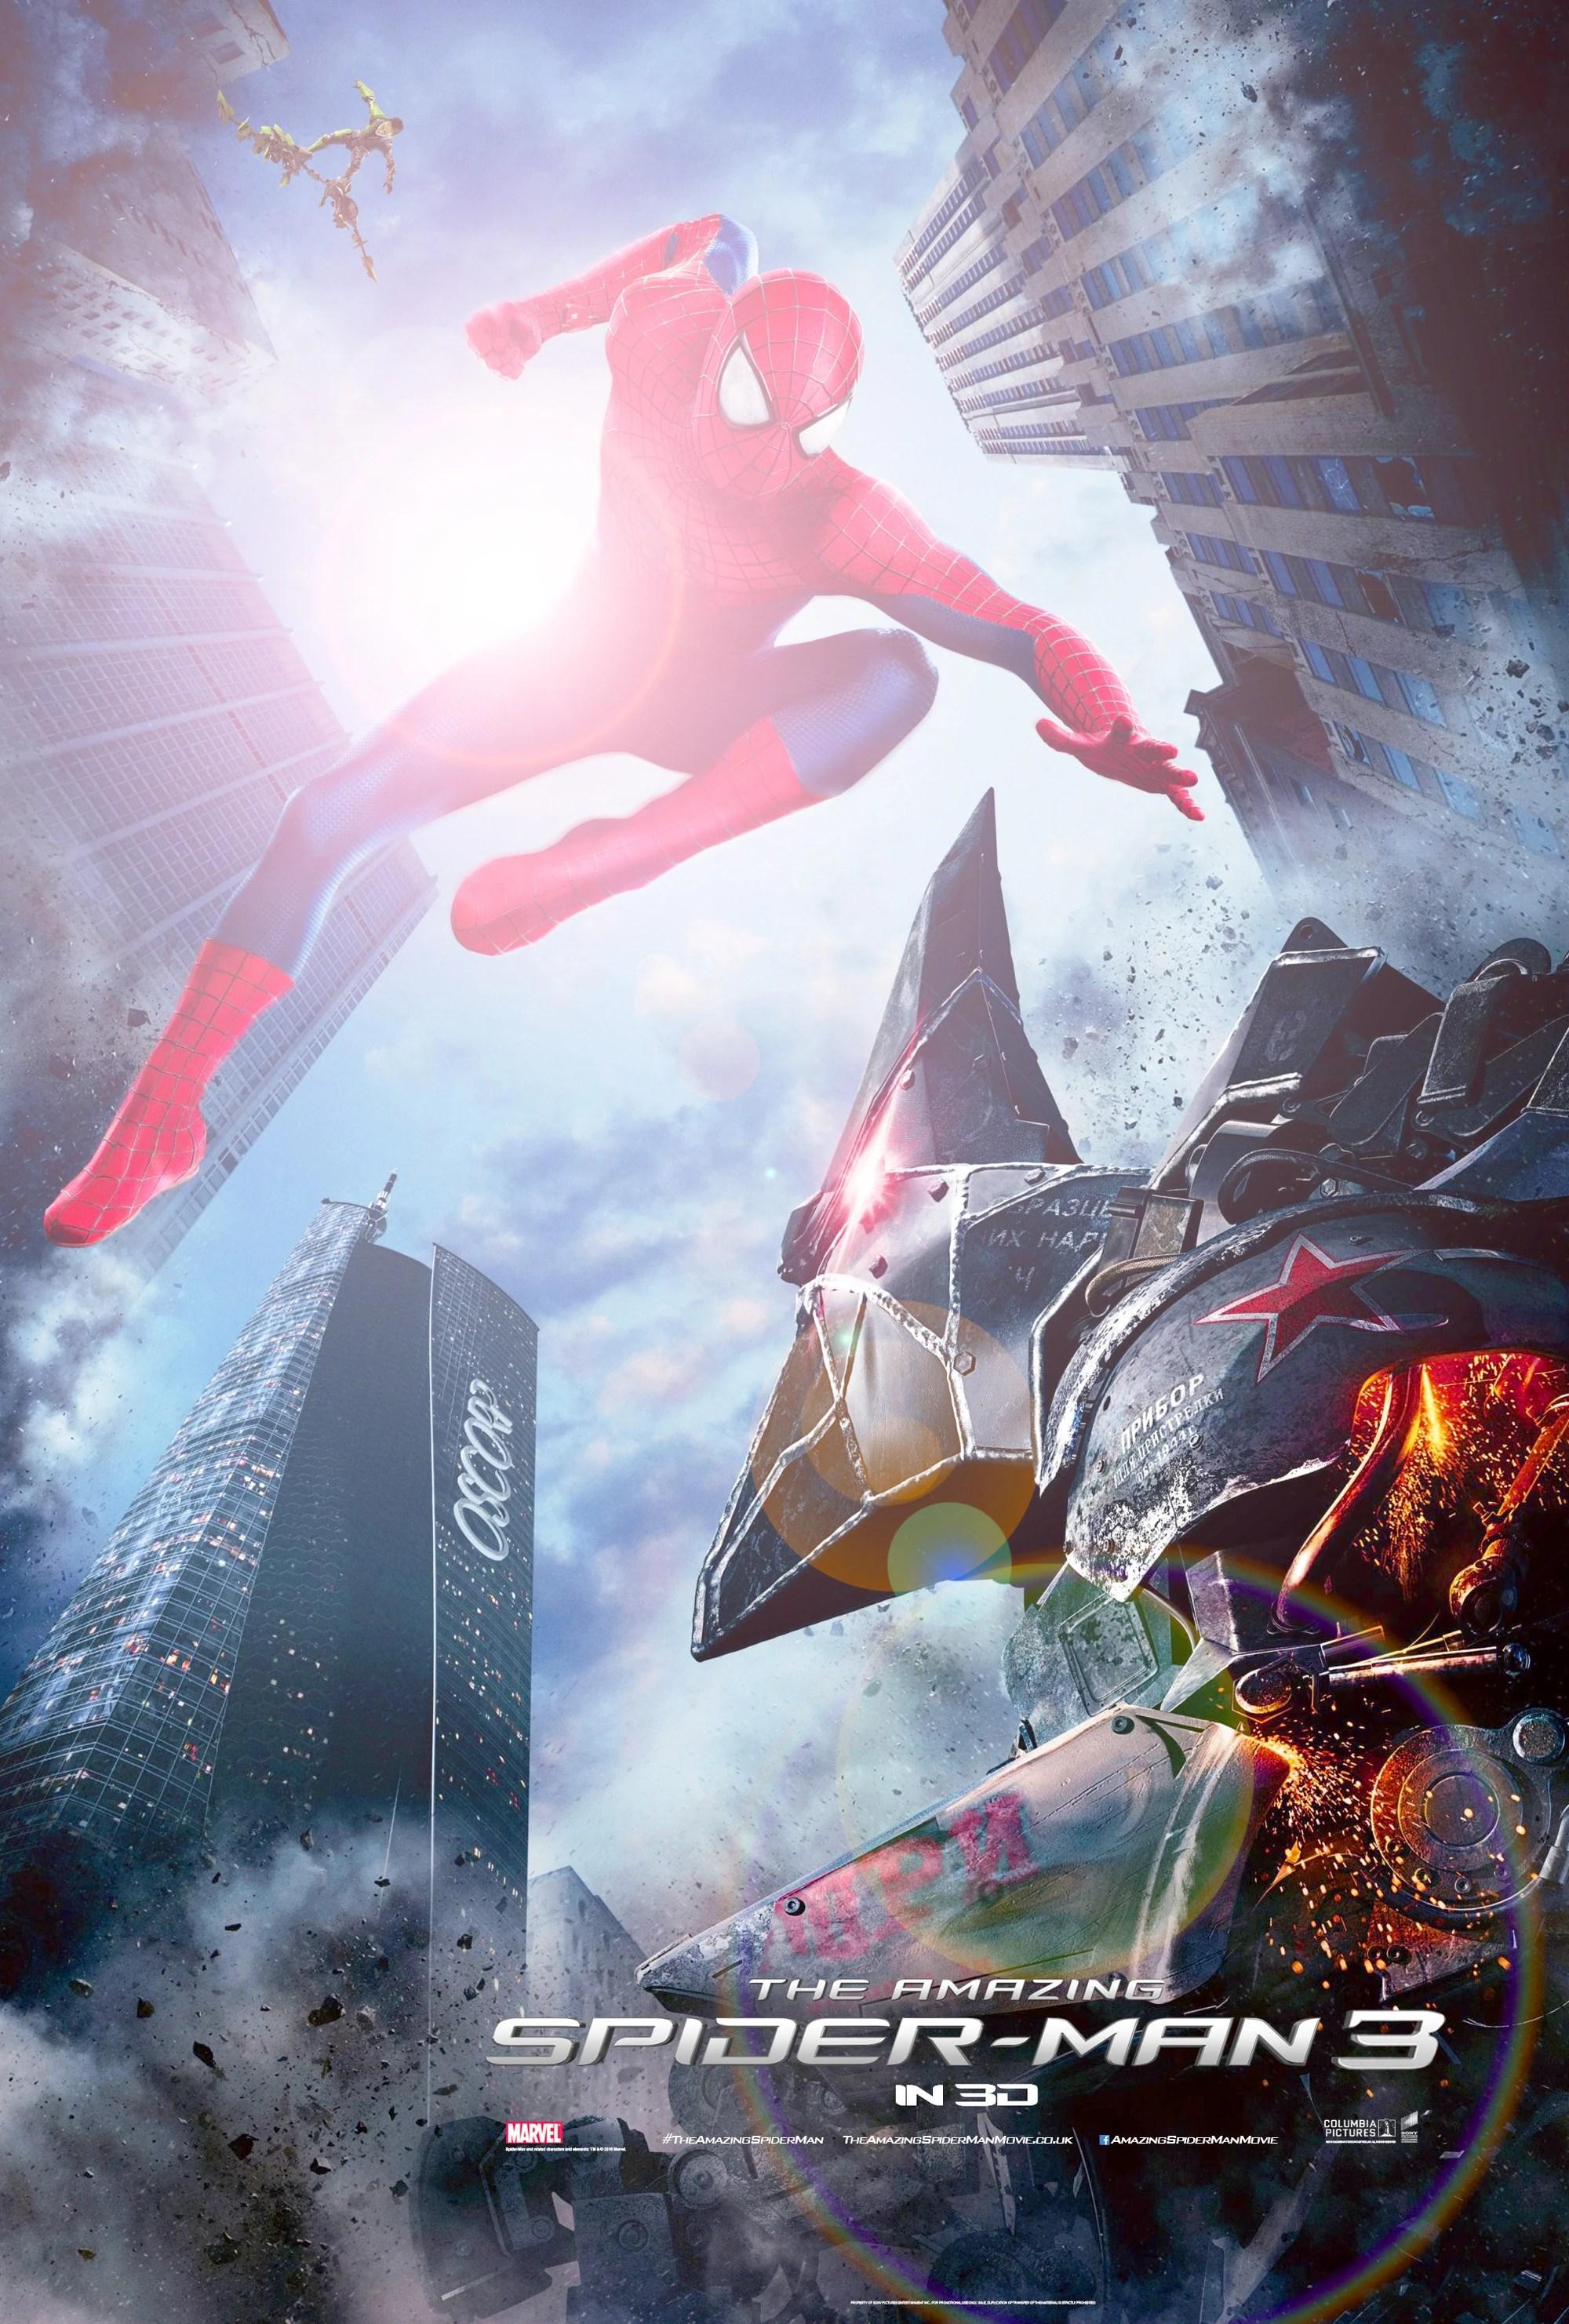 Amazing Spider-man 3 Sony Entertaiment Wiki